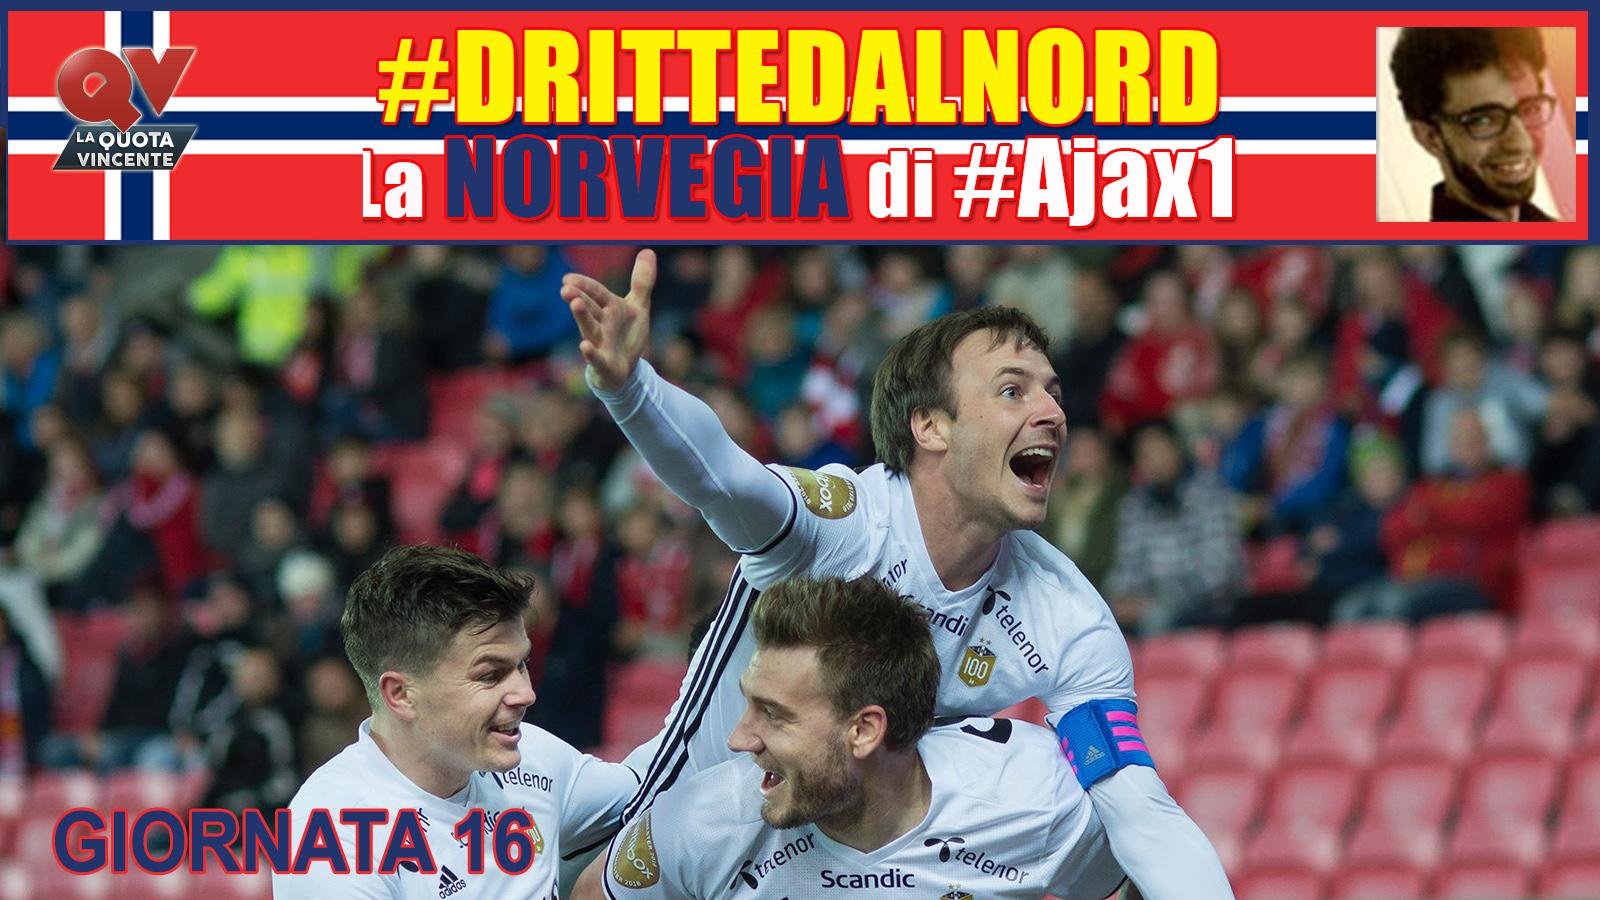 Norvegia Giornata 16